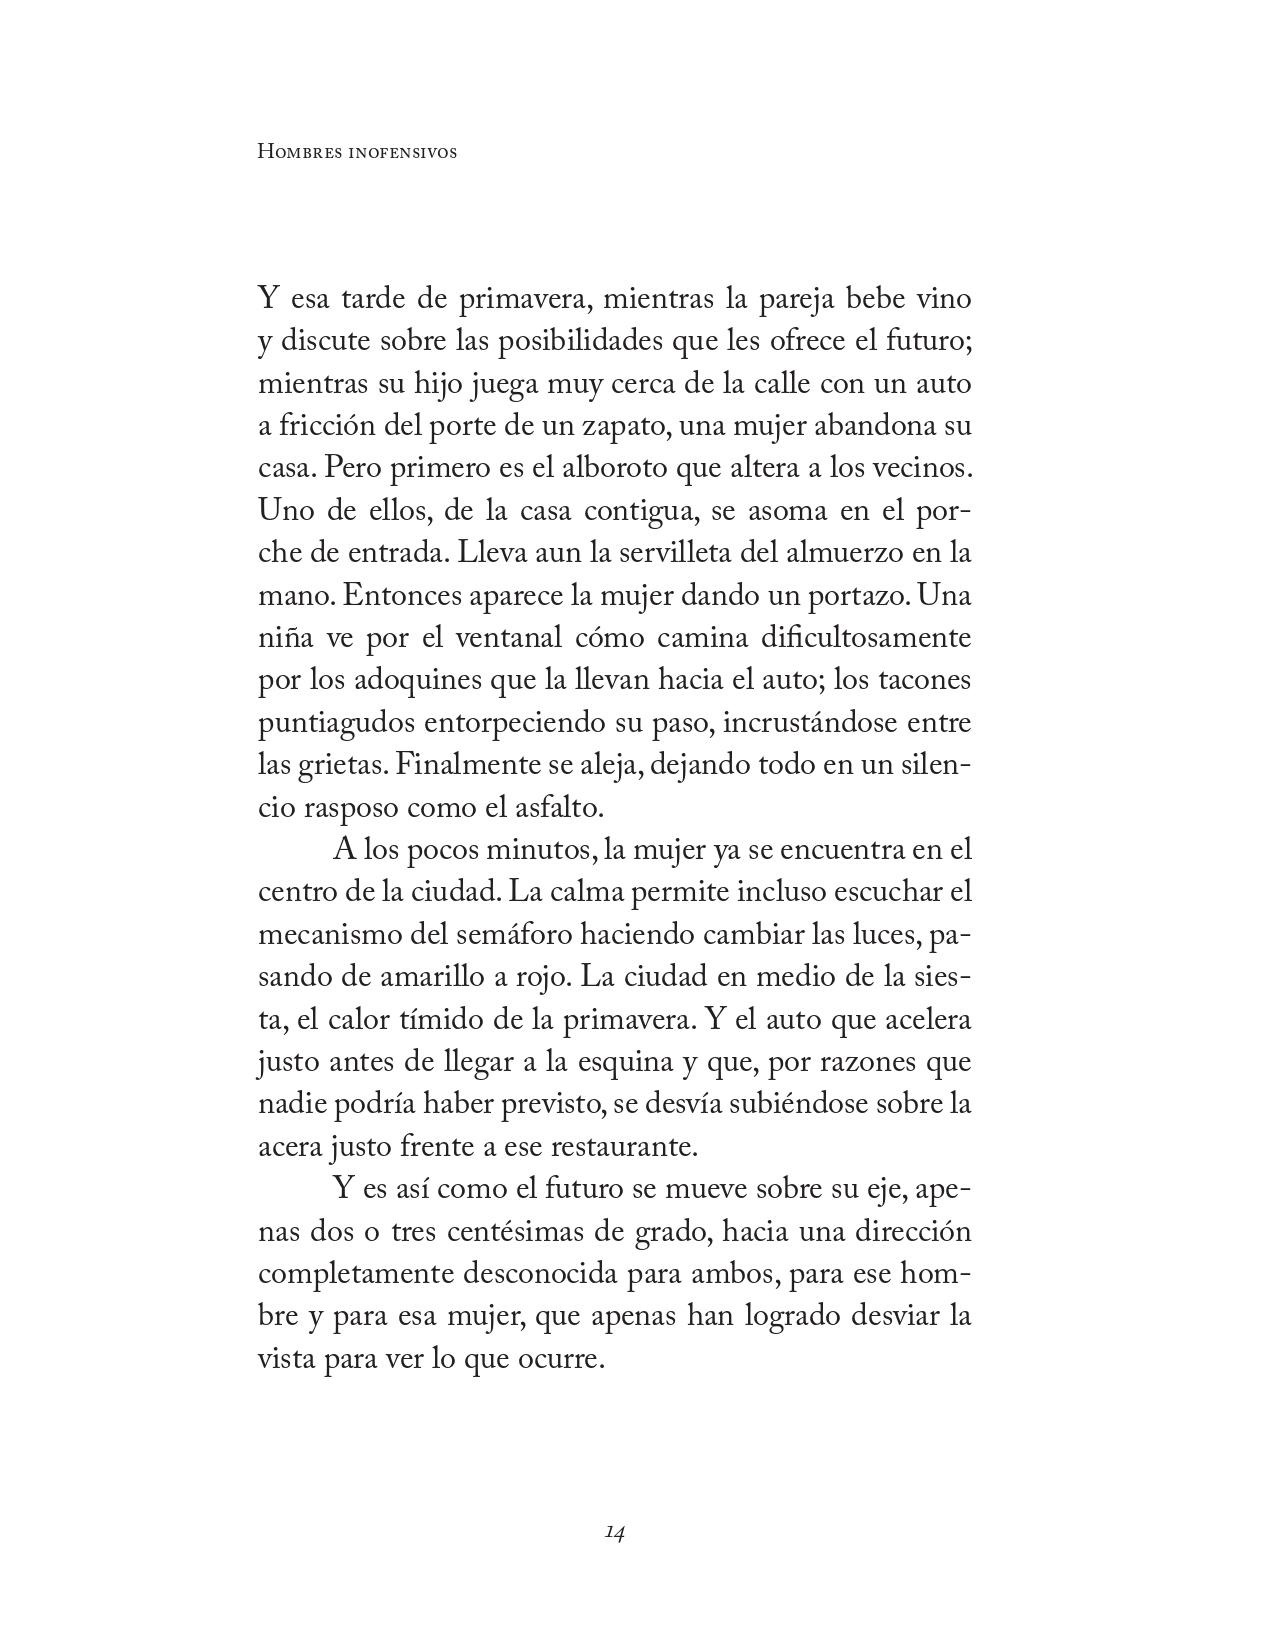 Adelanto_Hombres_Inofensivos_Patricio_Tapia_page-0011